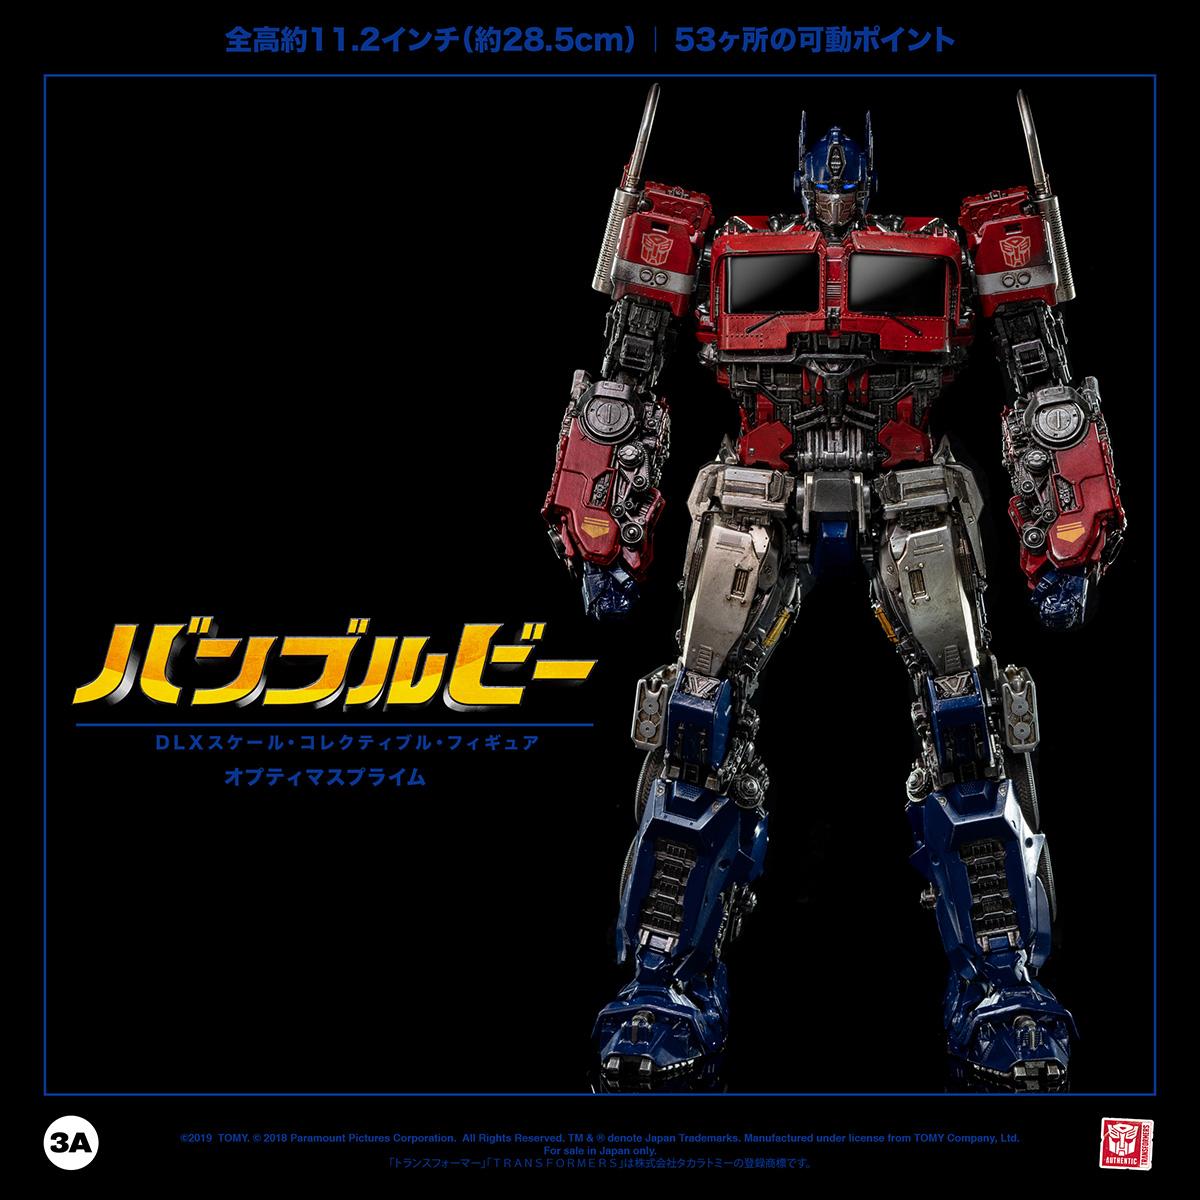 OP_DLX_JAP_6681.jpg